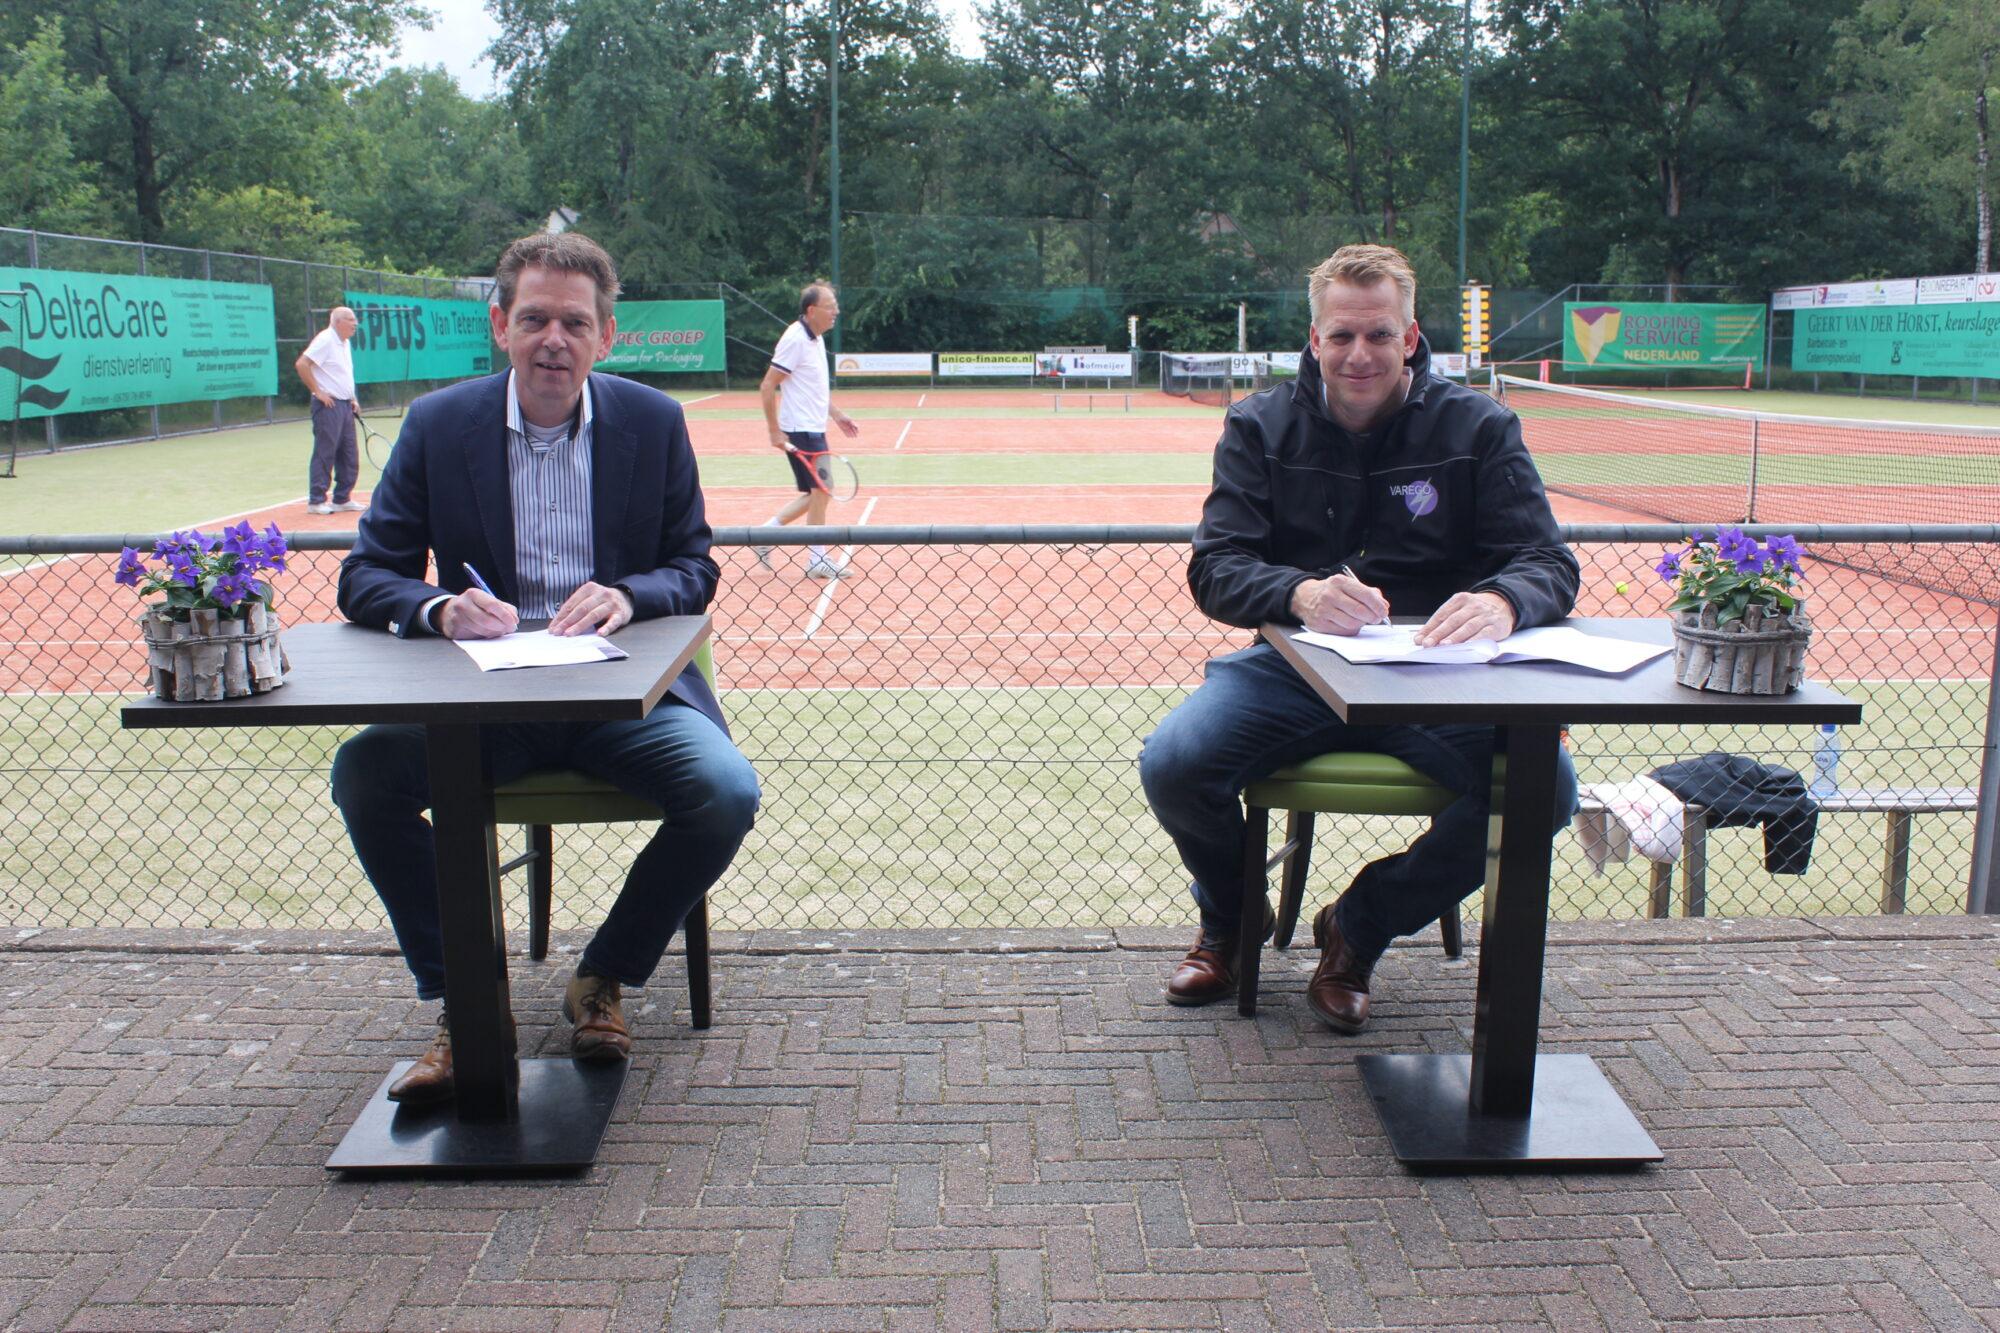 Tennisclub Eerbeek en Varego kiest voor duurzaam